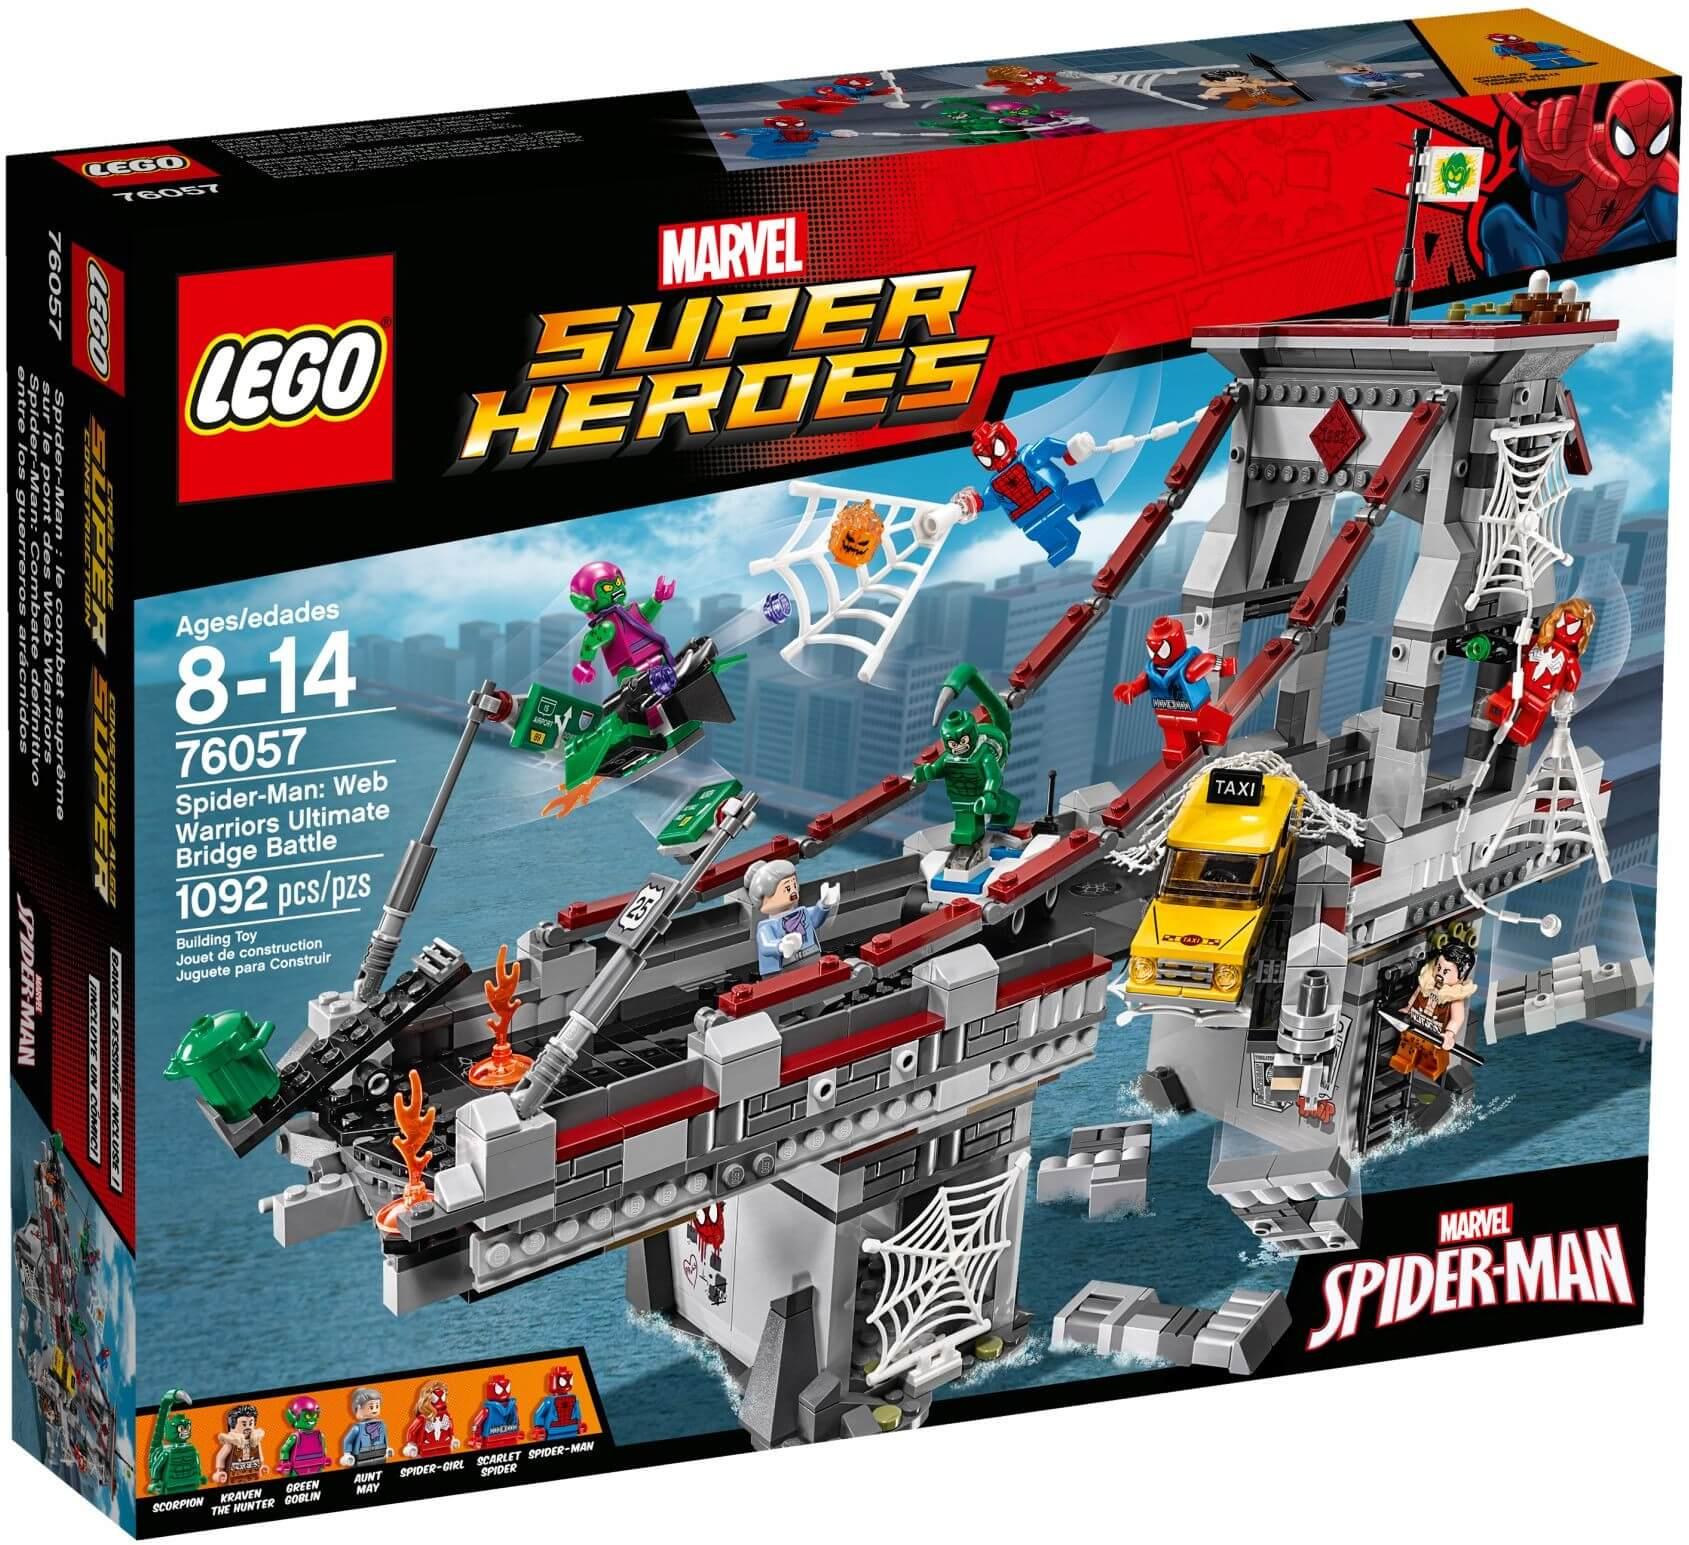 Mua đồ chơi LEGO 76057 - LEGO Marvel Super Heroes 76057 - Đại Chiến trên Cầu của Anh Em Người Nhện (LEGO Marvel Super Heroes Spider-Man Web Warriors Ultimate Bridge 76057)